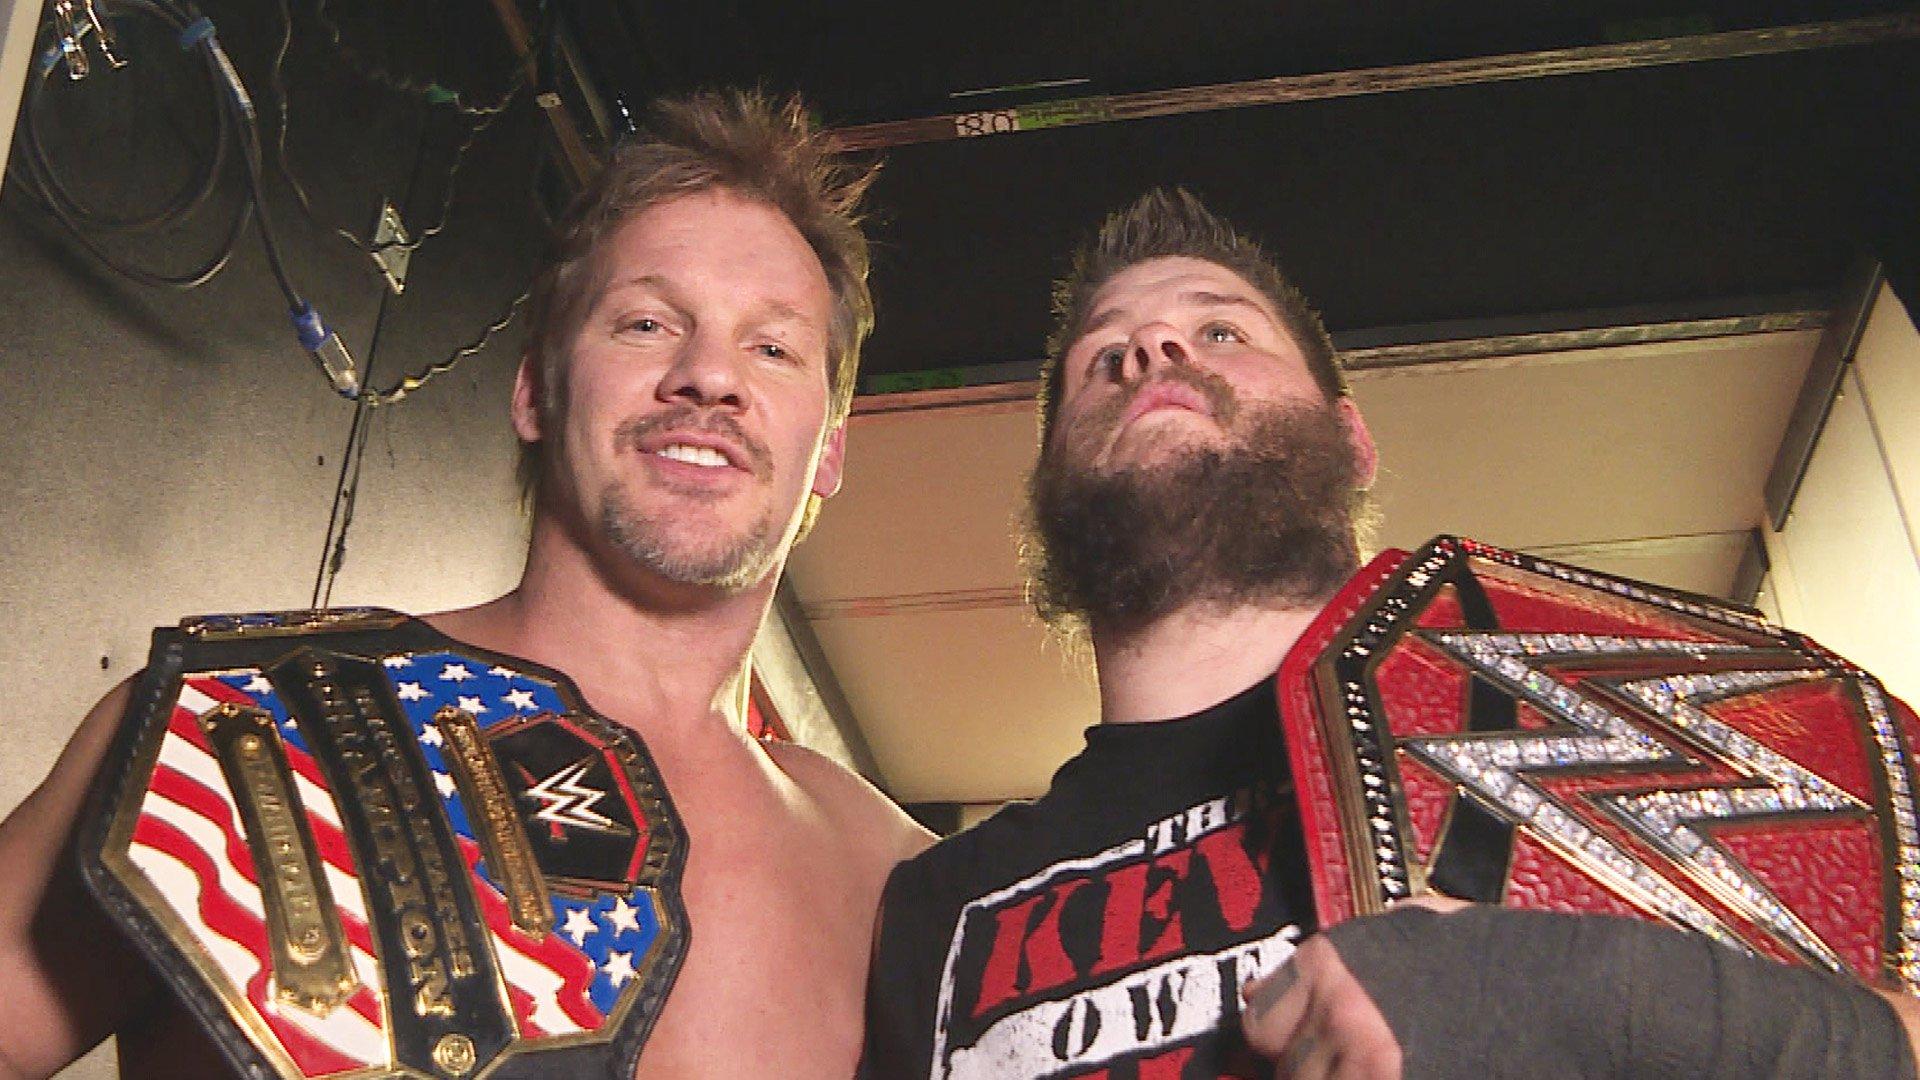 Chris Jericho célèbre sa victoire au Championnat U.S. avec son meilleur ami: WWE.com Exclusive, 9 janvier 2017